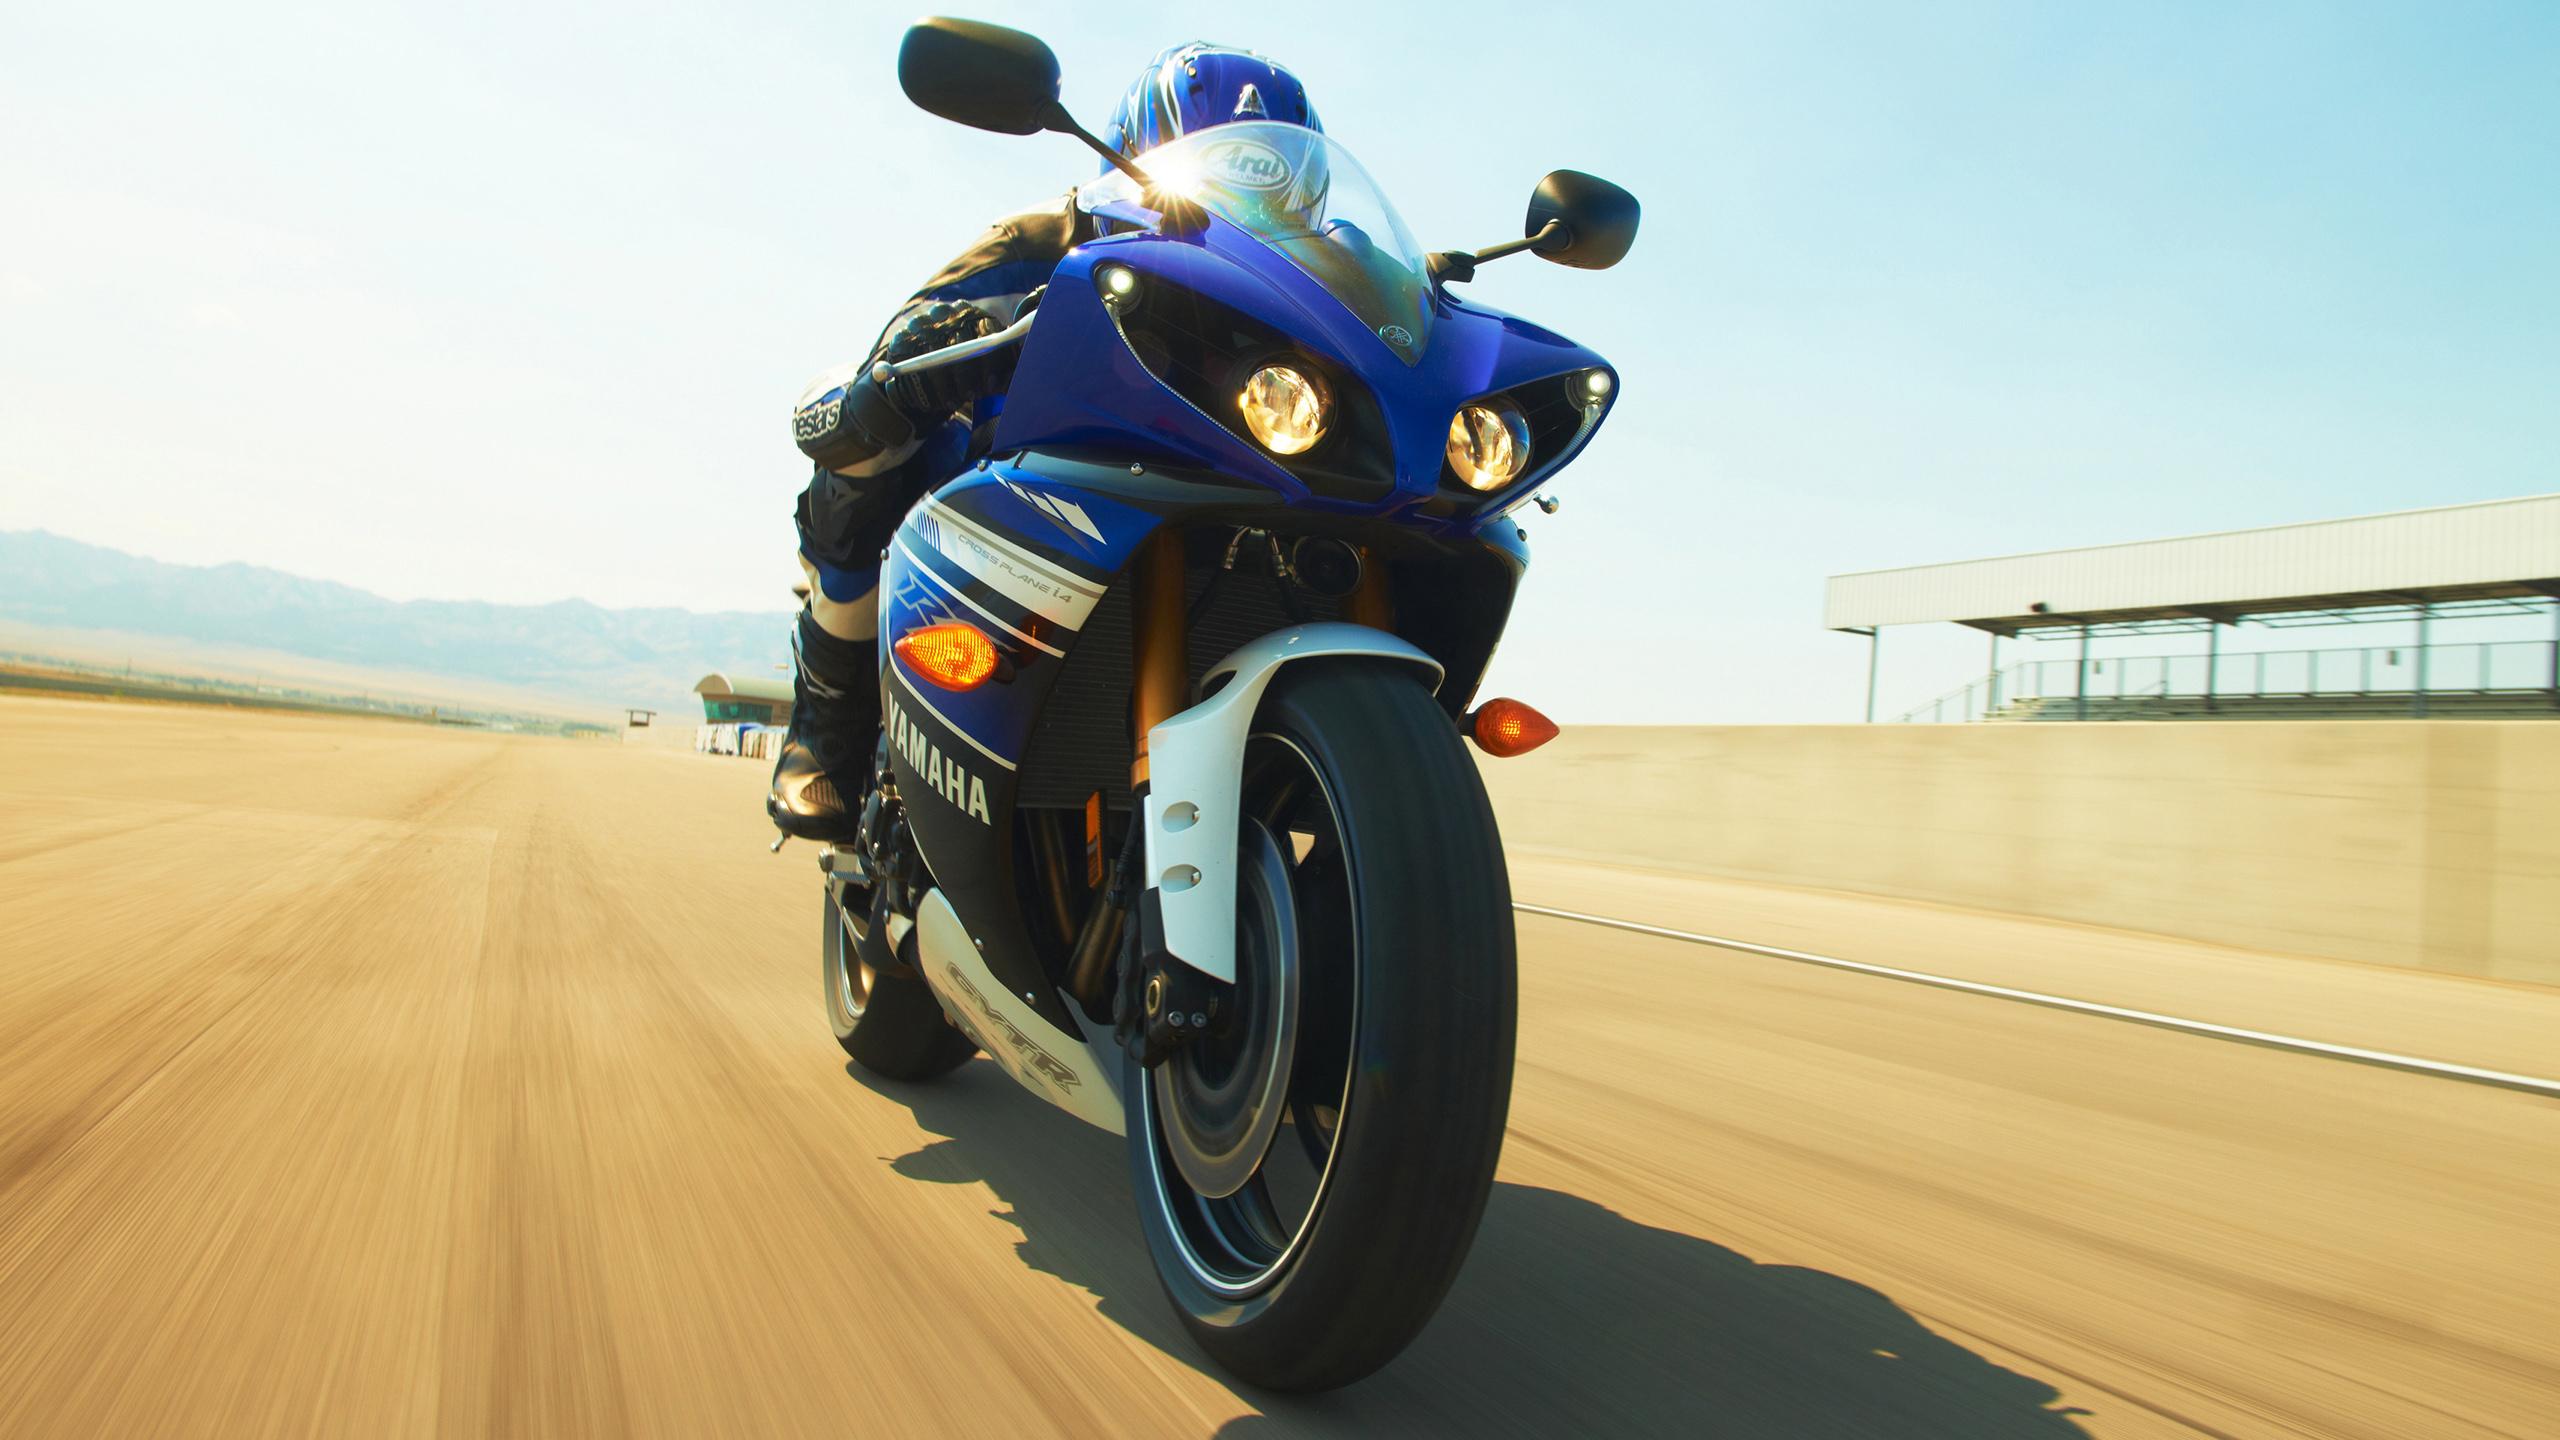 Yamaha-YZF-R1-2013-2560x1440-002